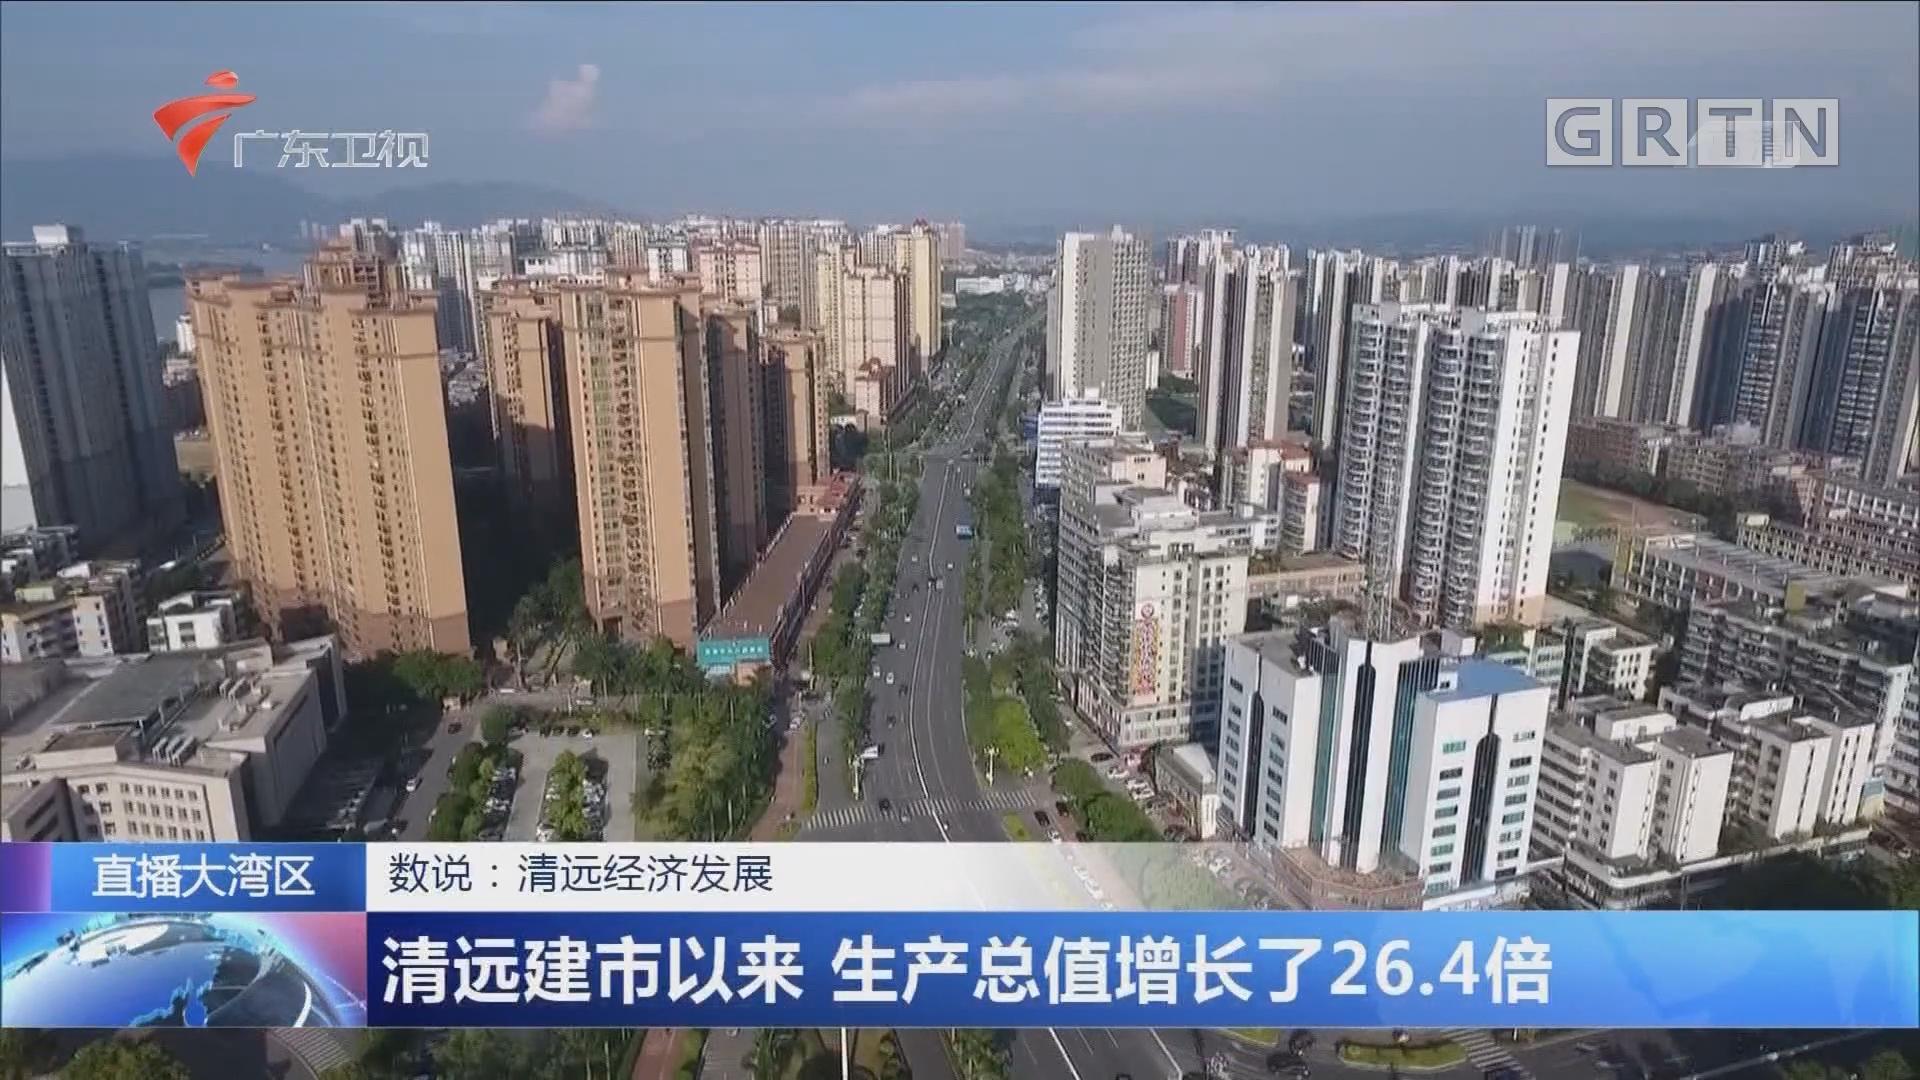 数说:清远经济发展 清远建市以来 生产总值增长了26.4倍